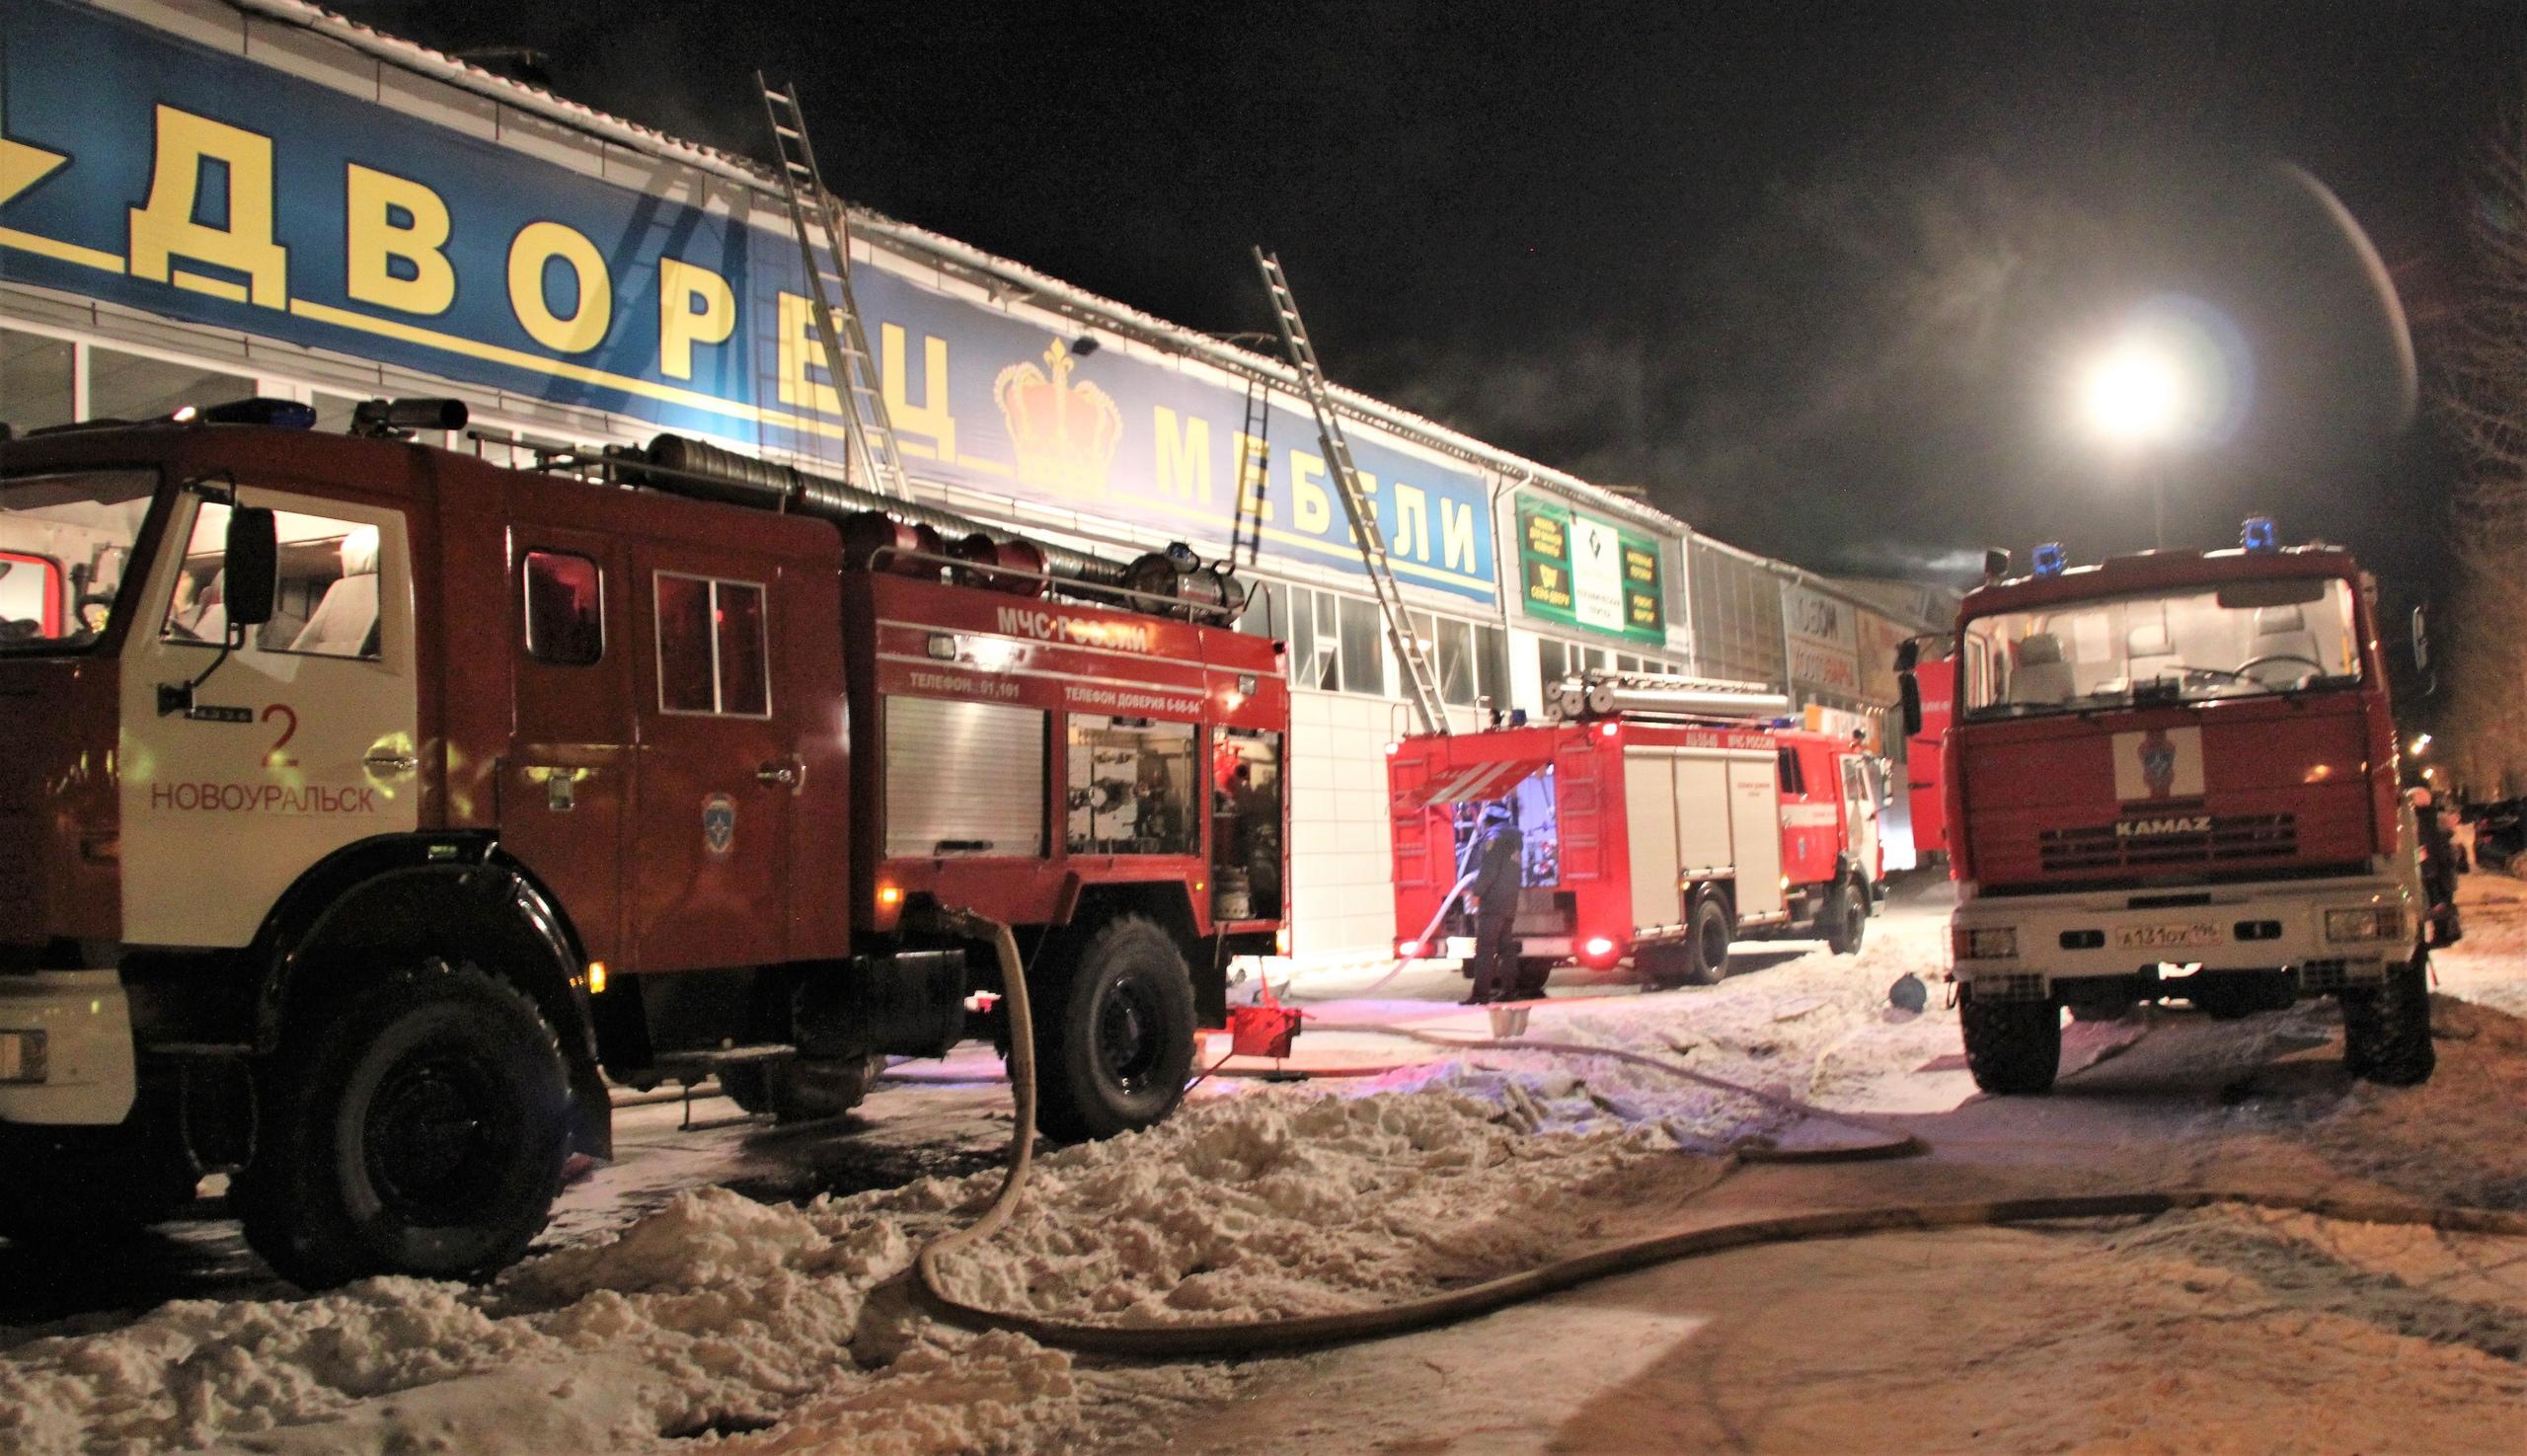 Во время пожара во «дворце мебели» автолюбители не пропускали огнеборцев